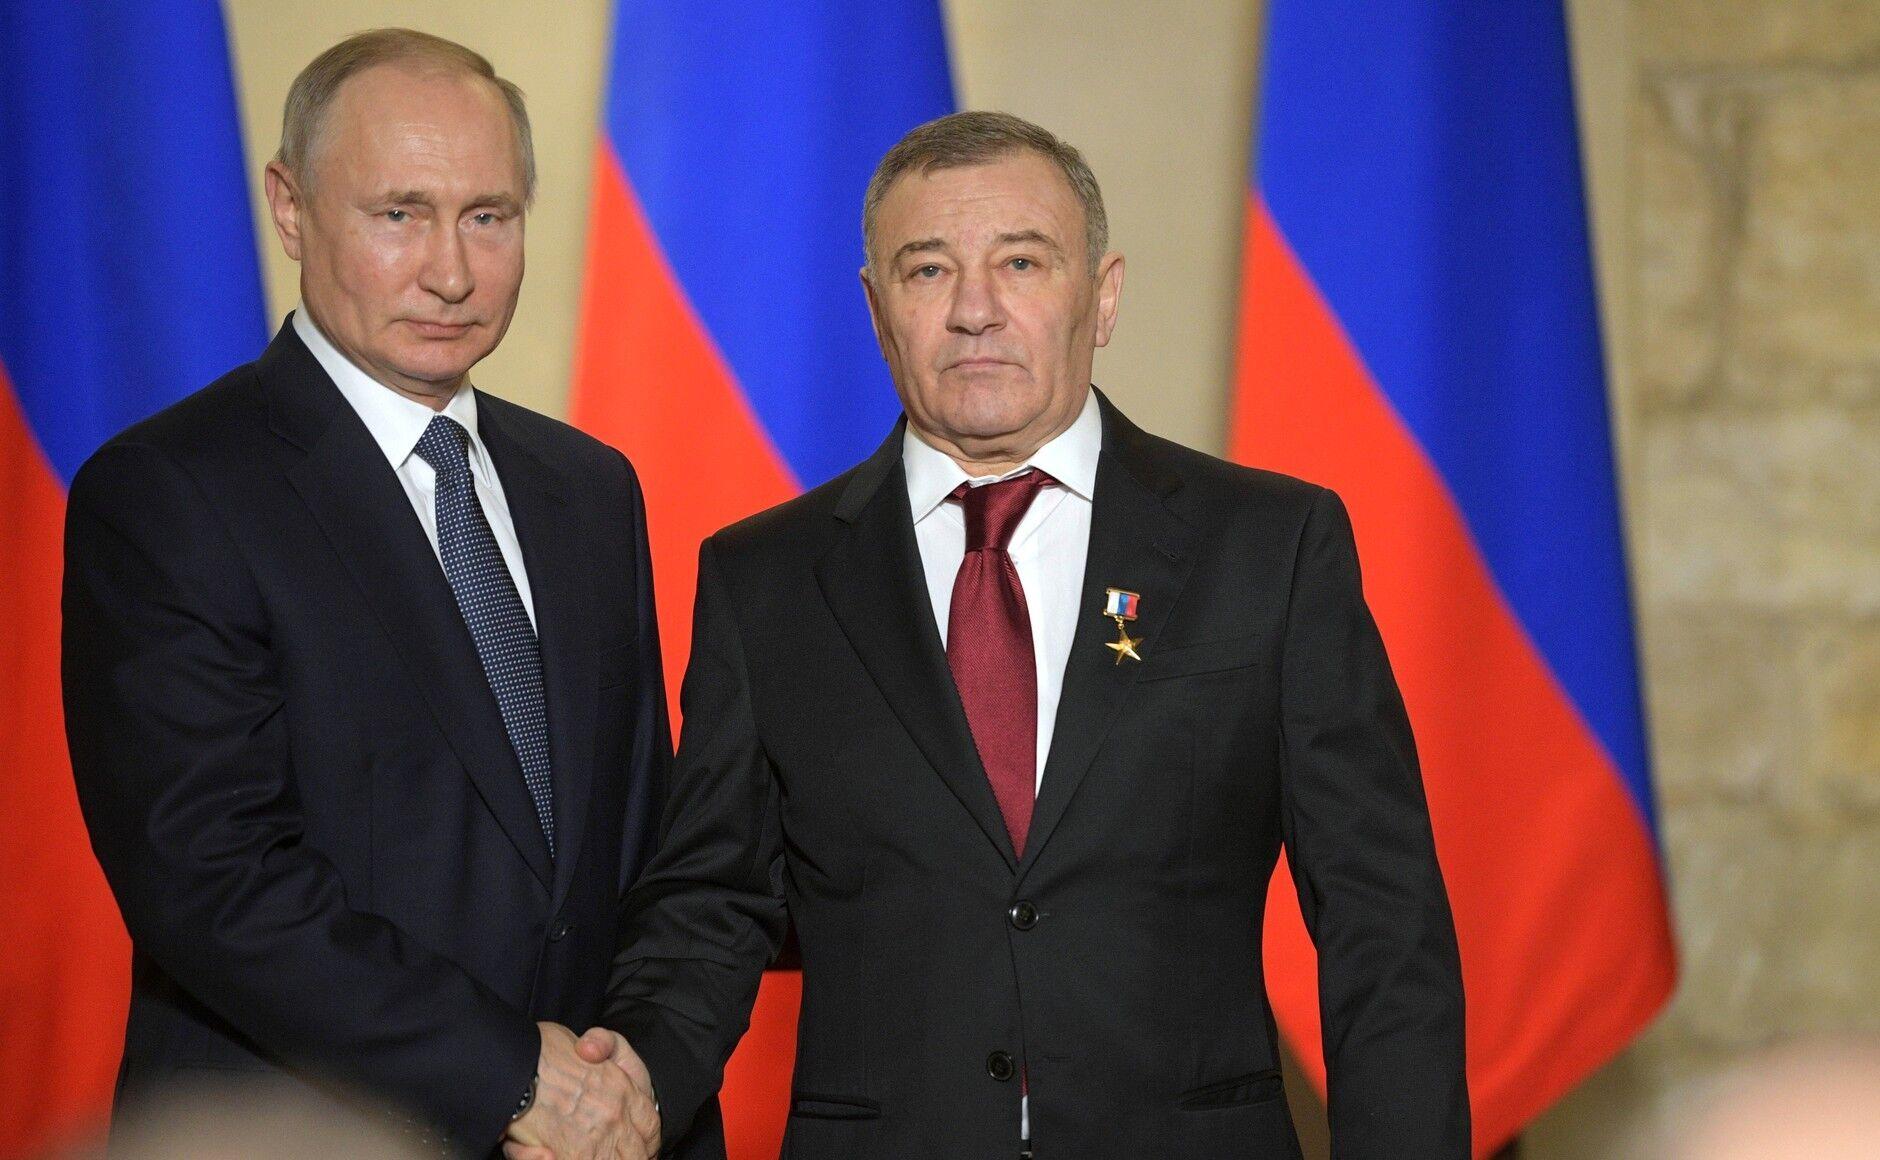 Аркадій Ротенберг і Володимир Путін.